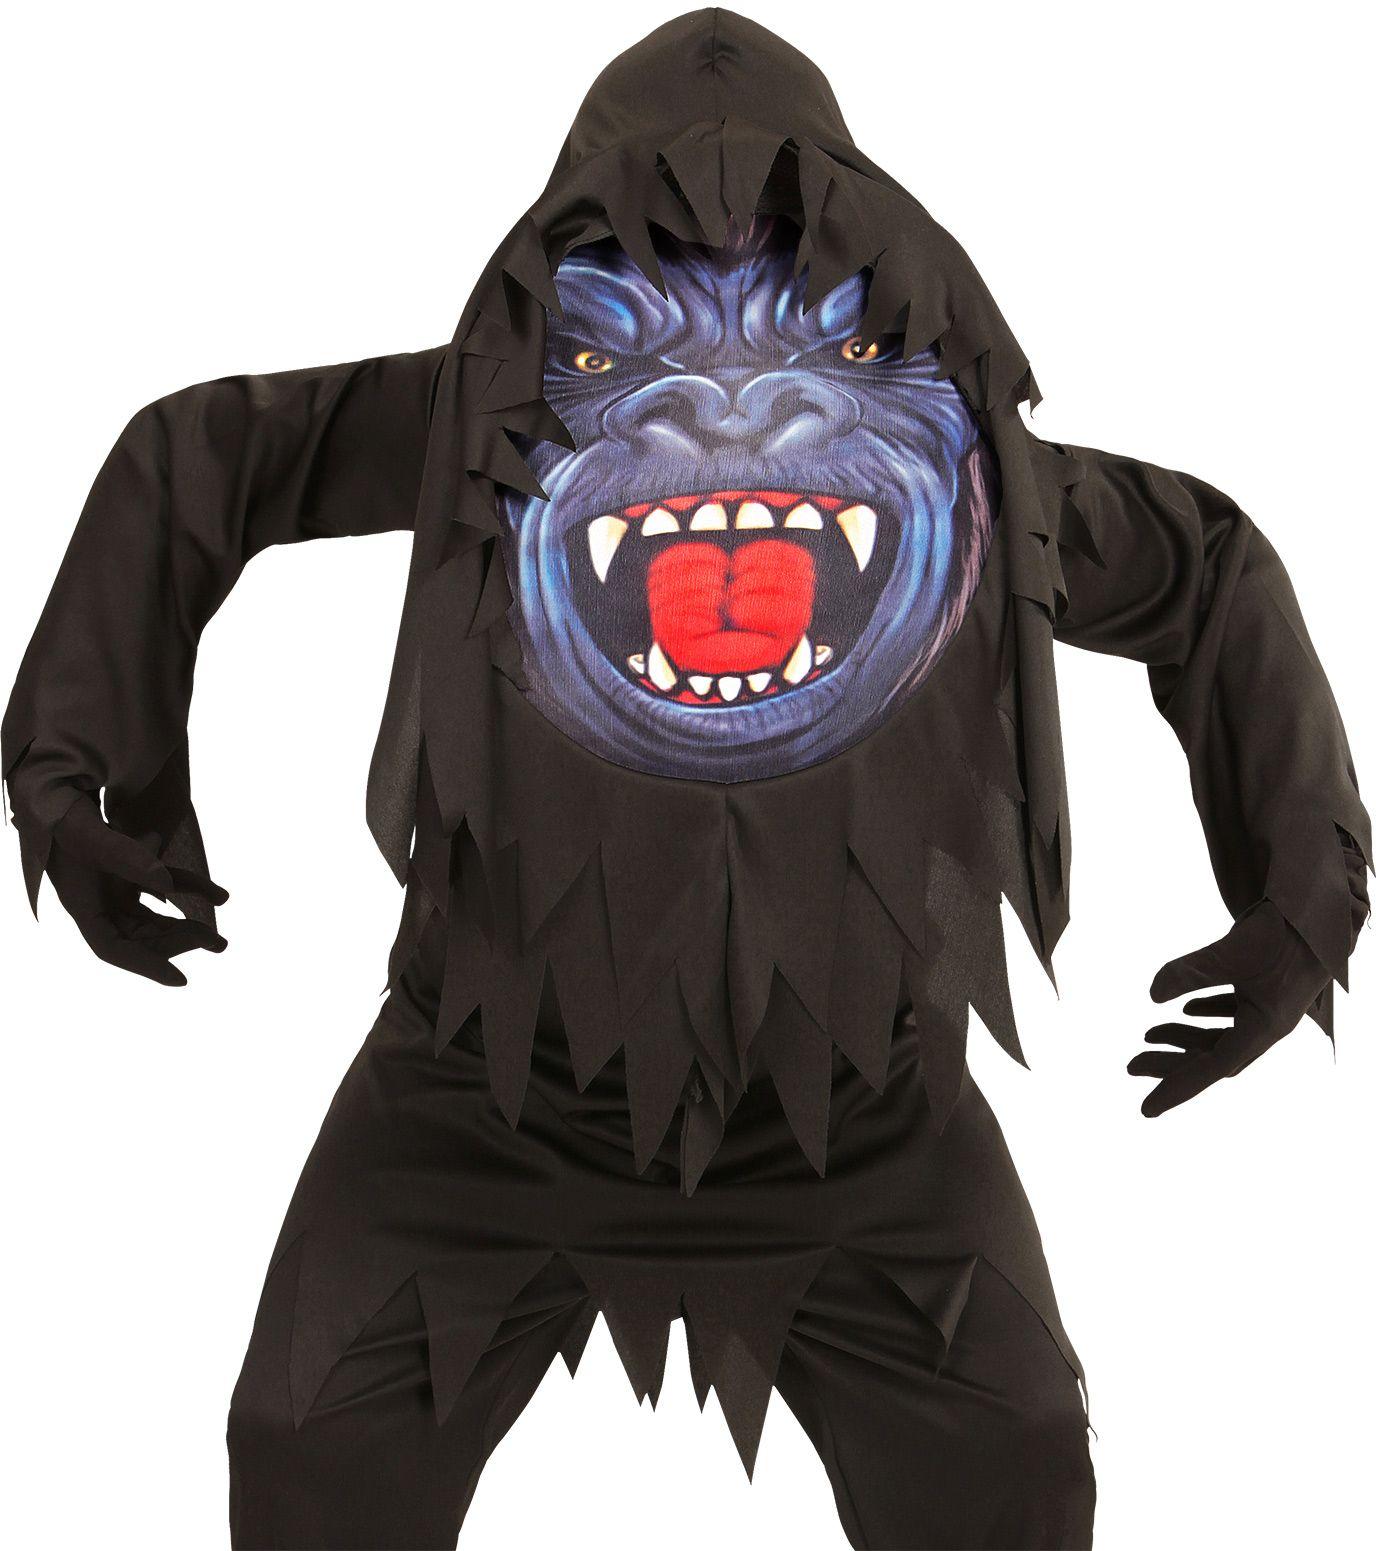 Gorillapak kind 158